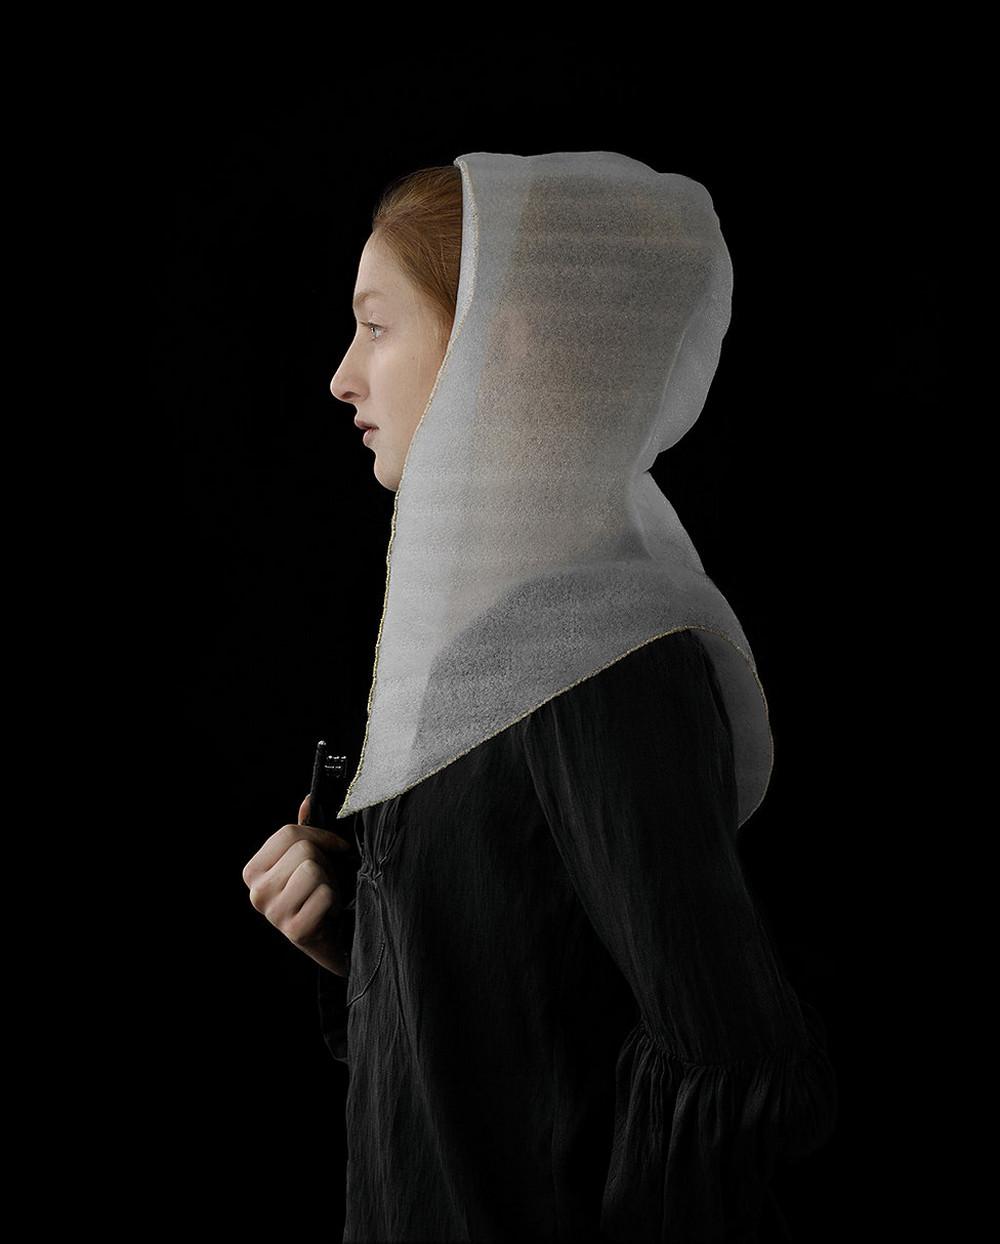 kostyumy-iz-vtorichnyh-materialov-portrety-Syuzanna-Yongmans 13